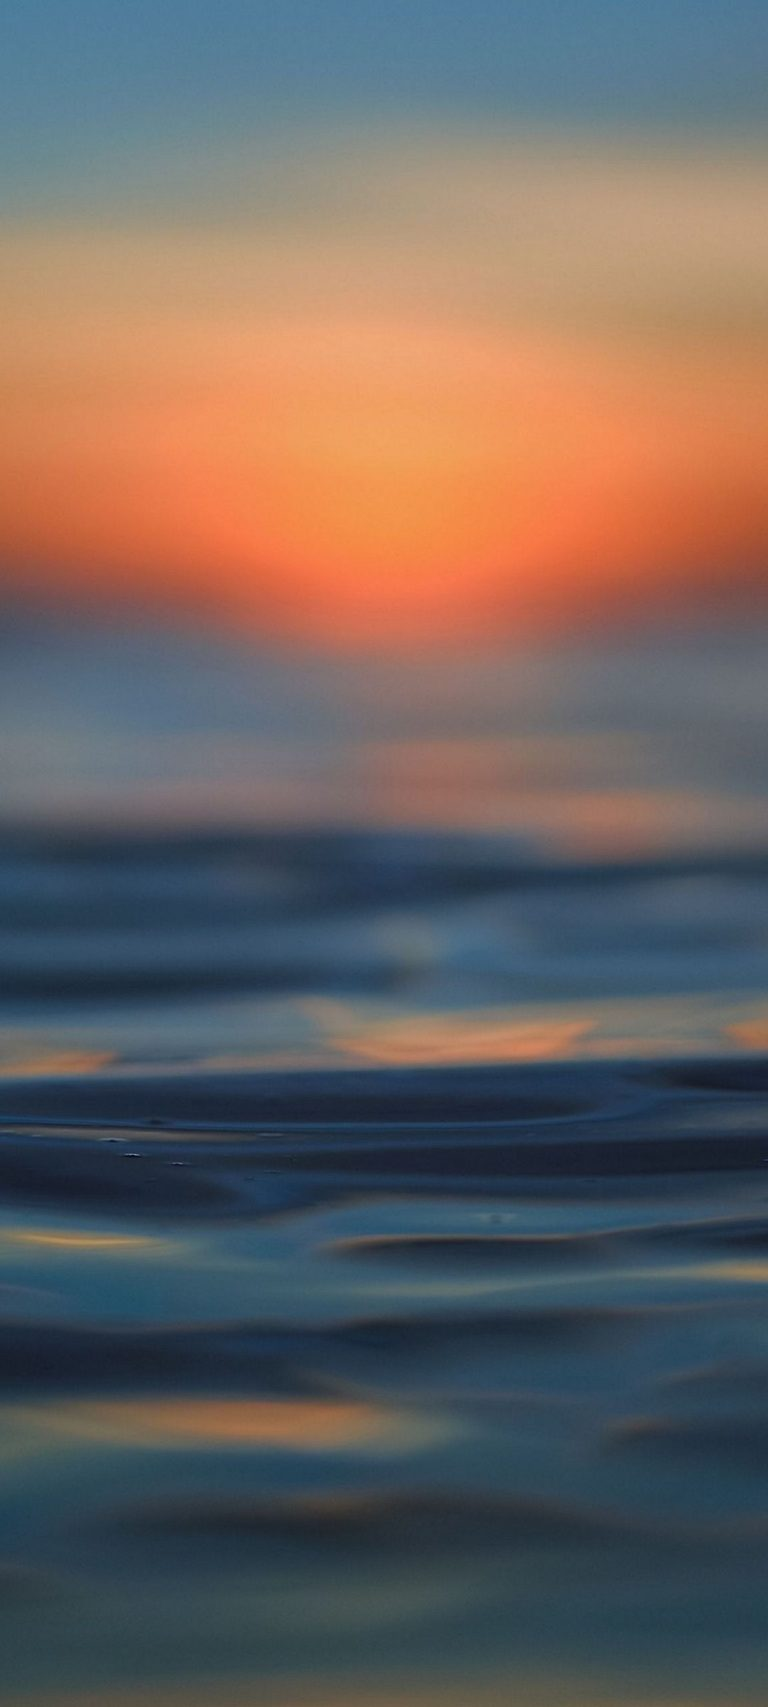 Blur Water Nature 1080x2400 768x1707